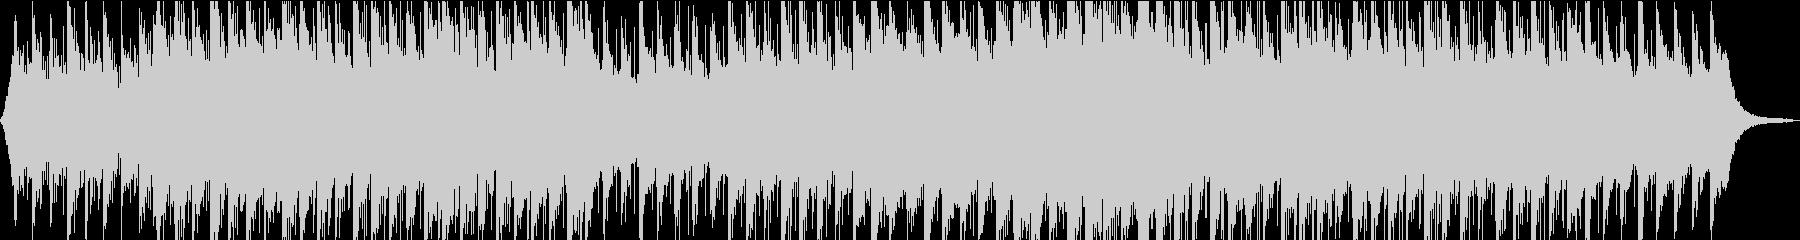 和風・オリエンタルなコーポレート②の未再生の波形